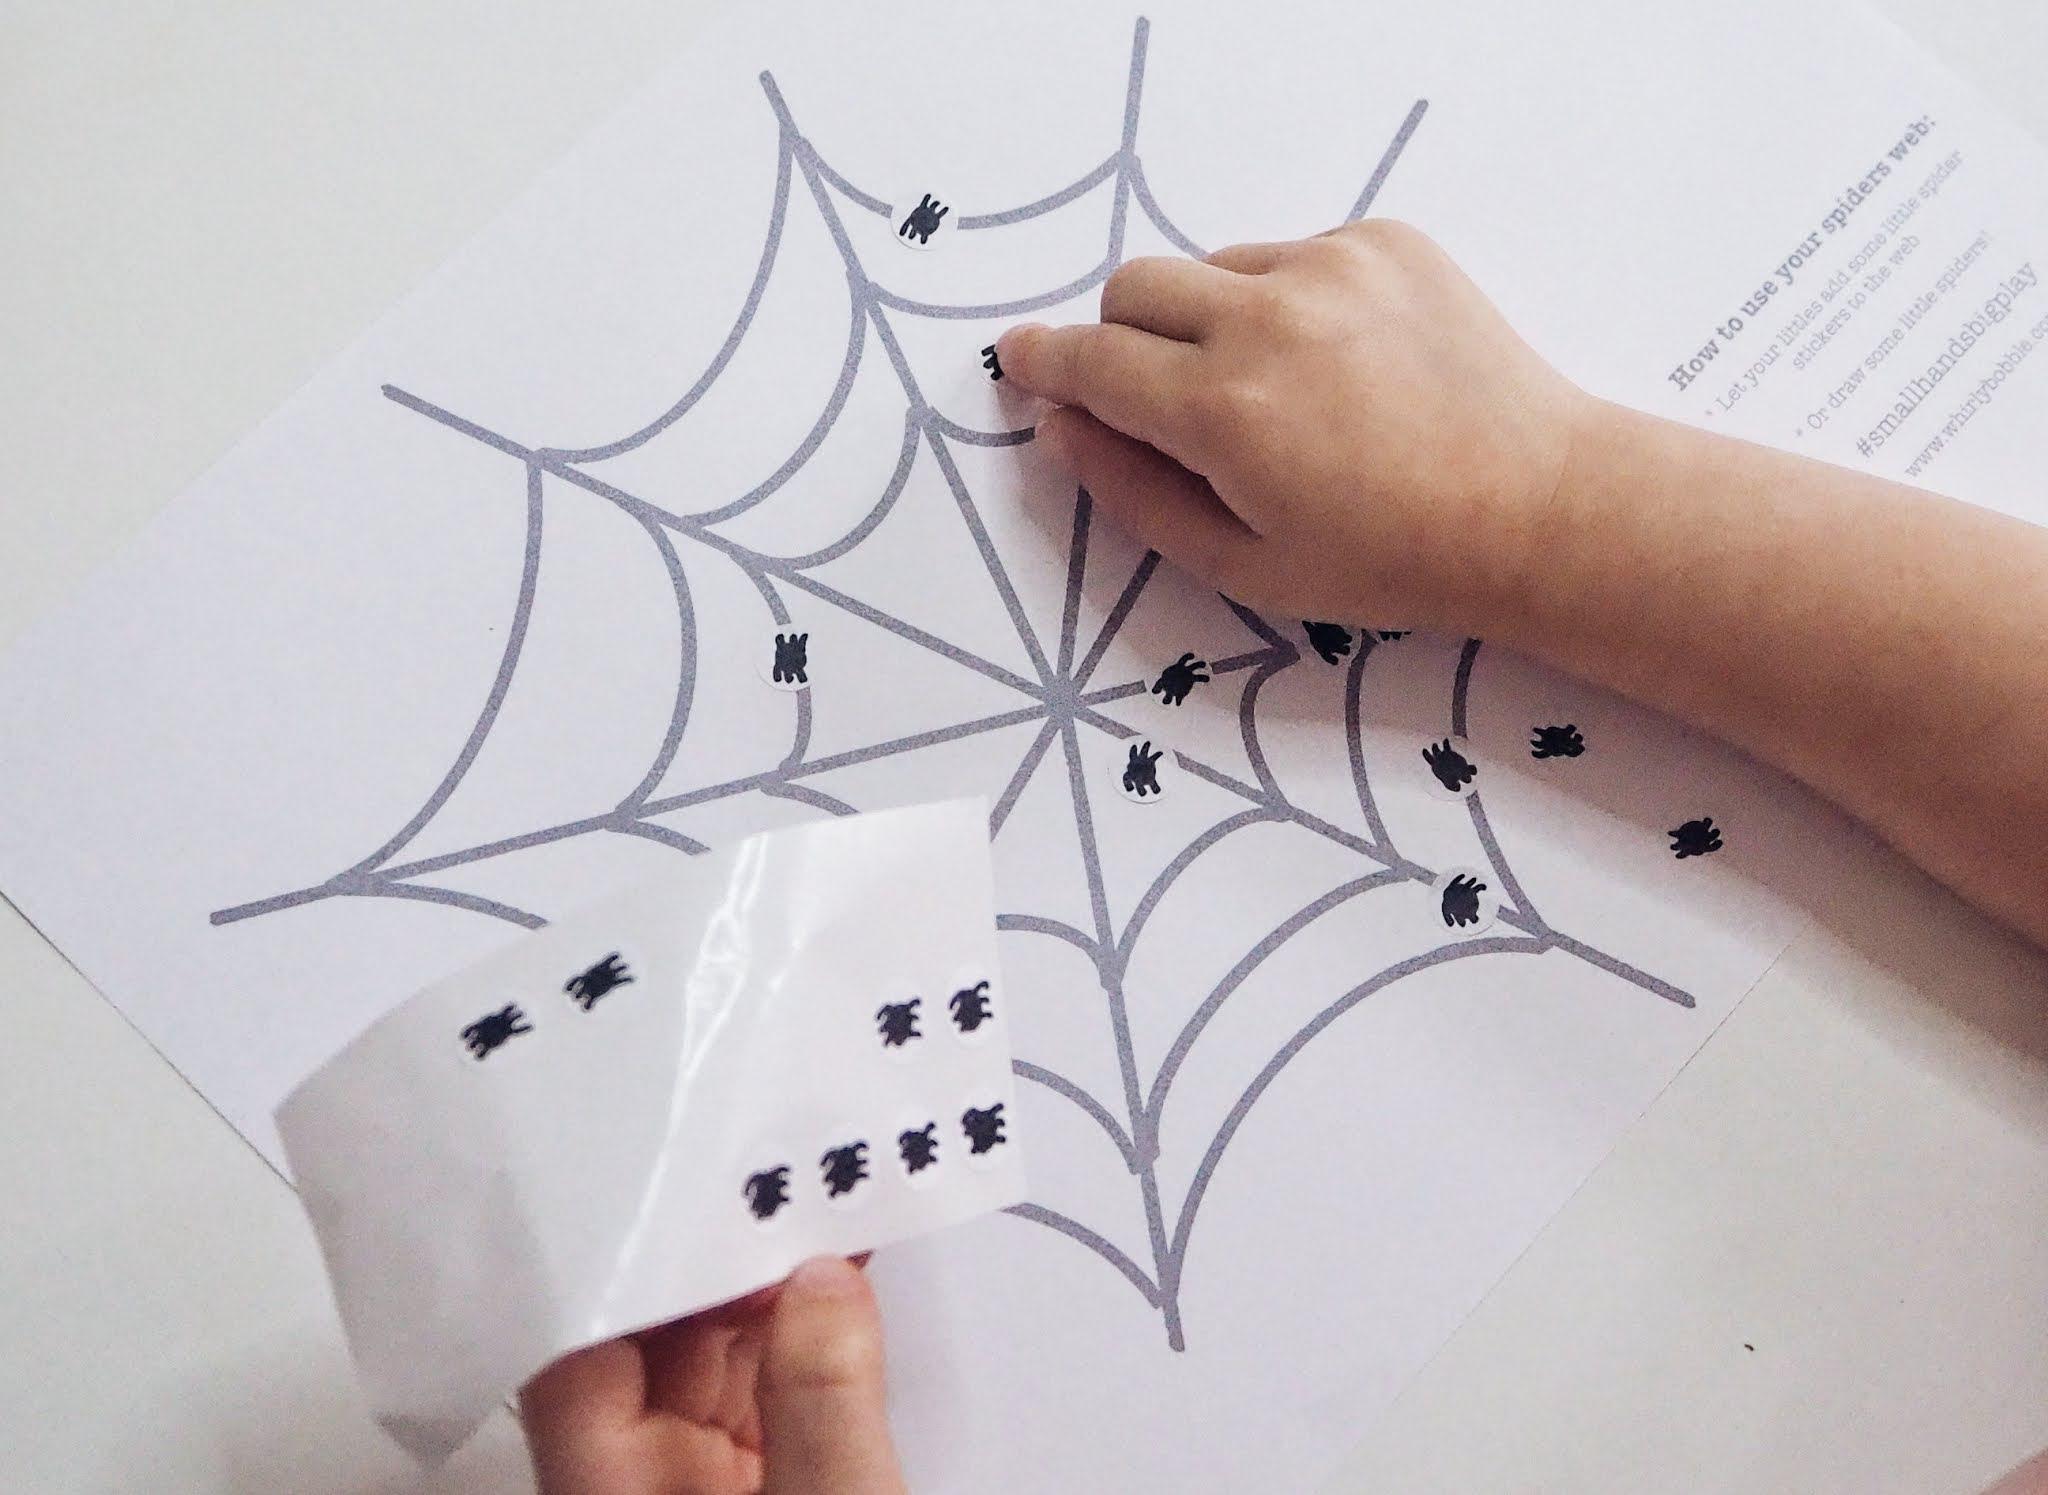 spider web sticking activity